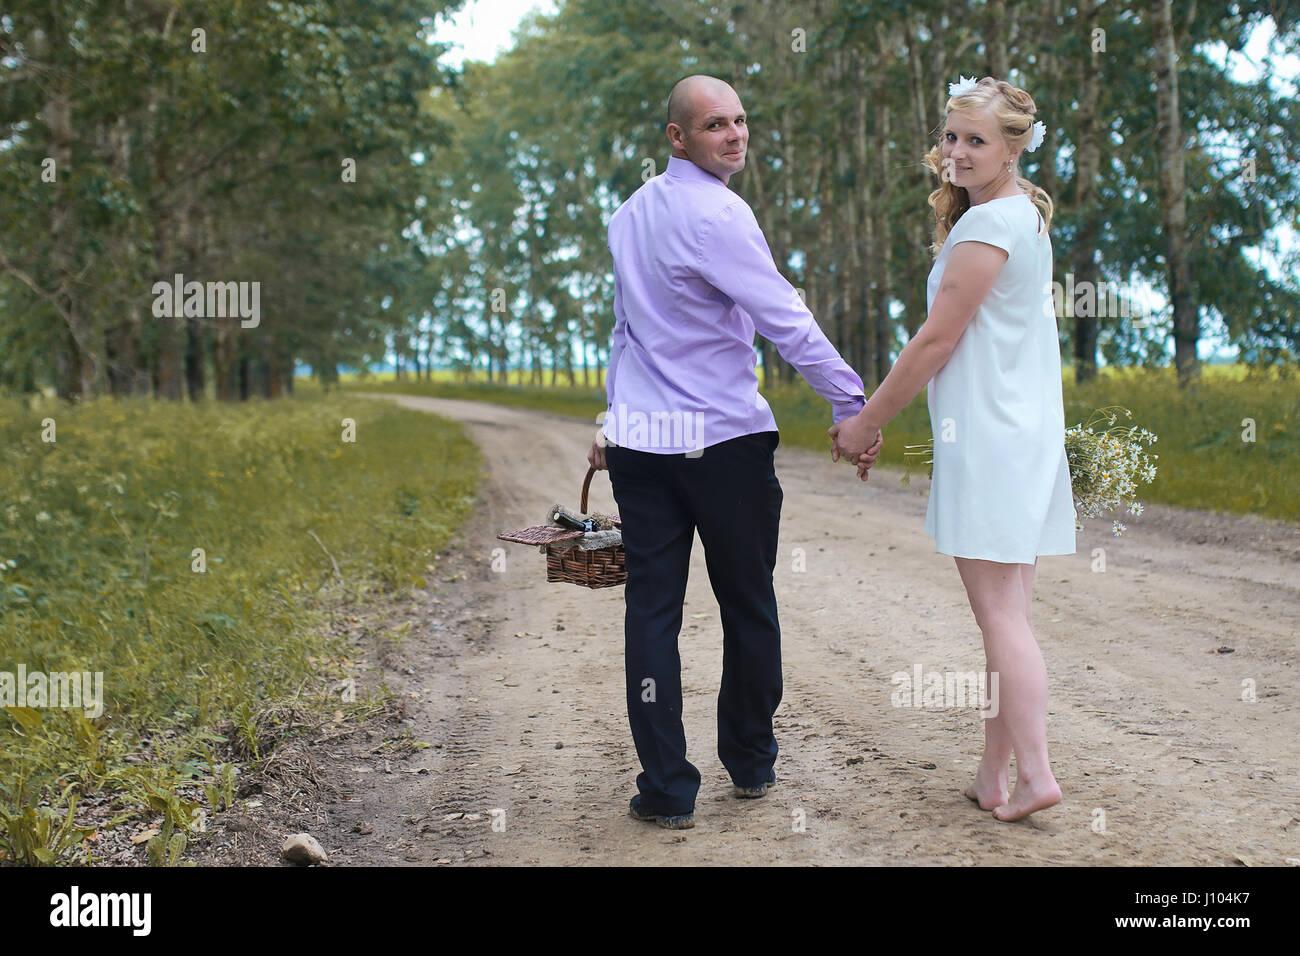 Los amantes recién casados caminando en un campo en el día de otoño Imagen De Stock